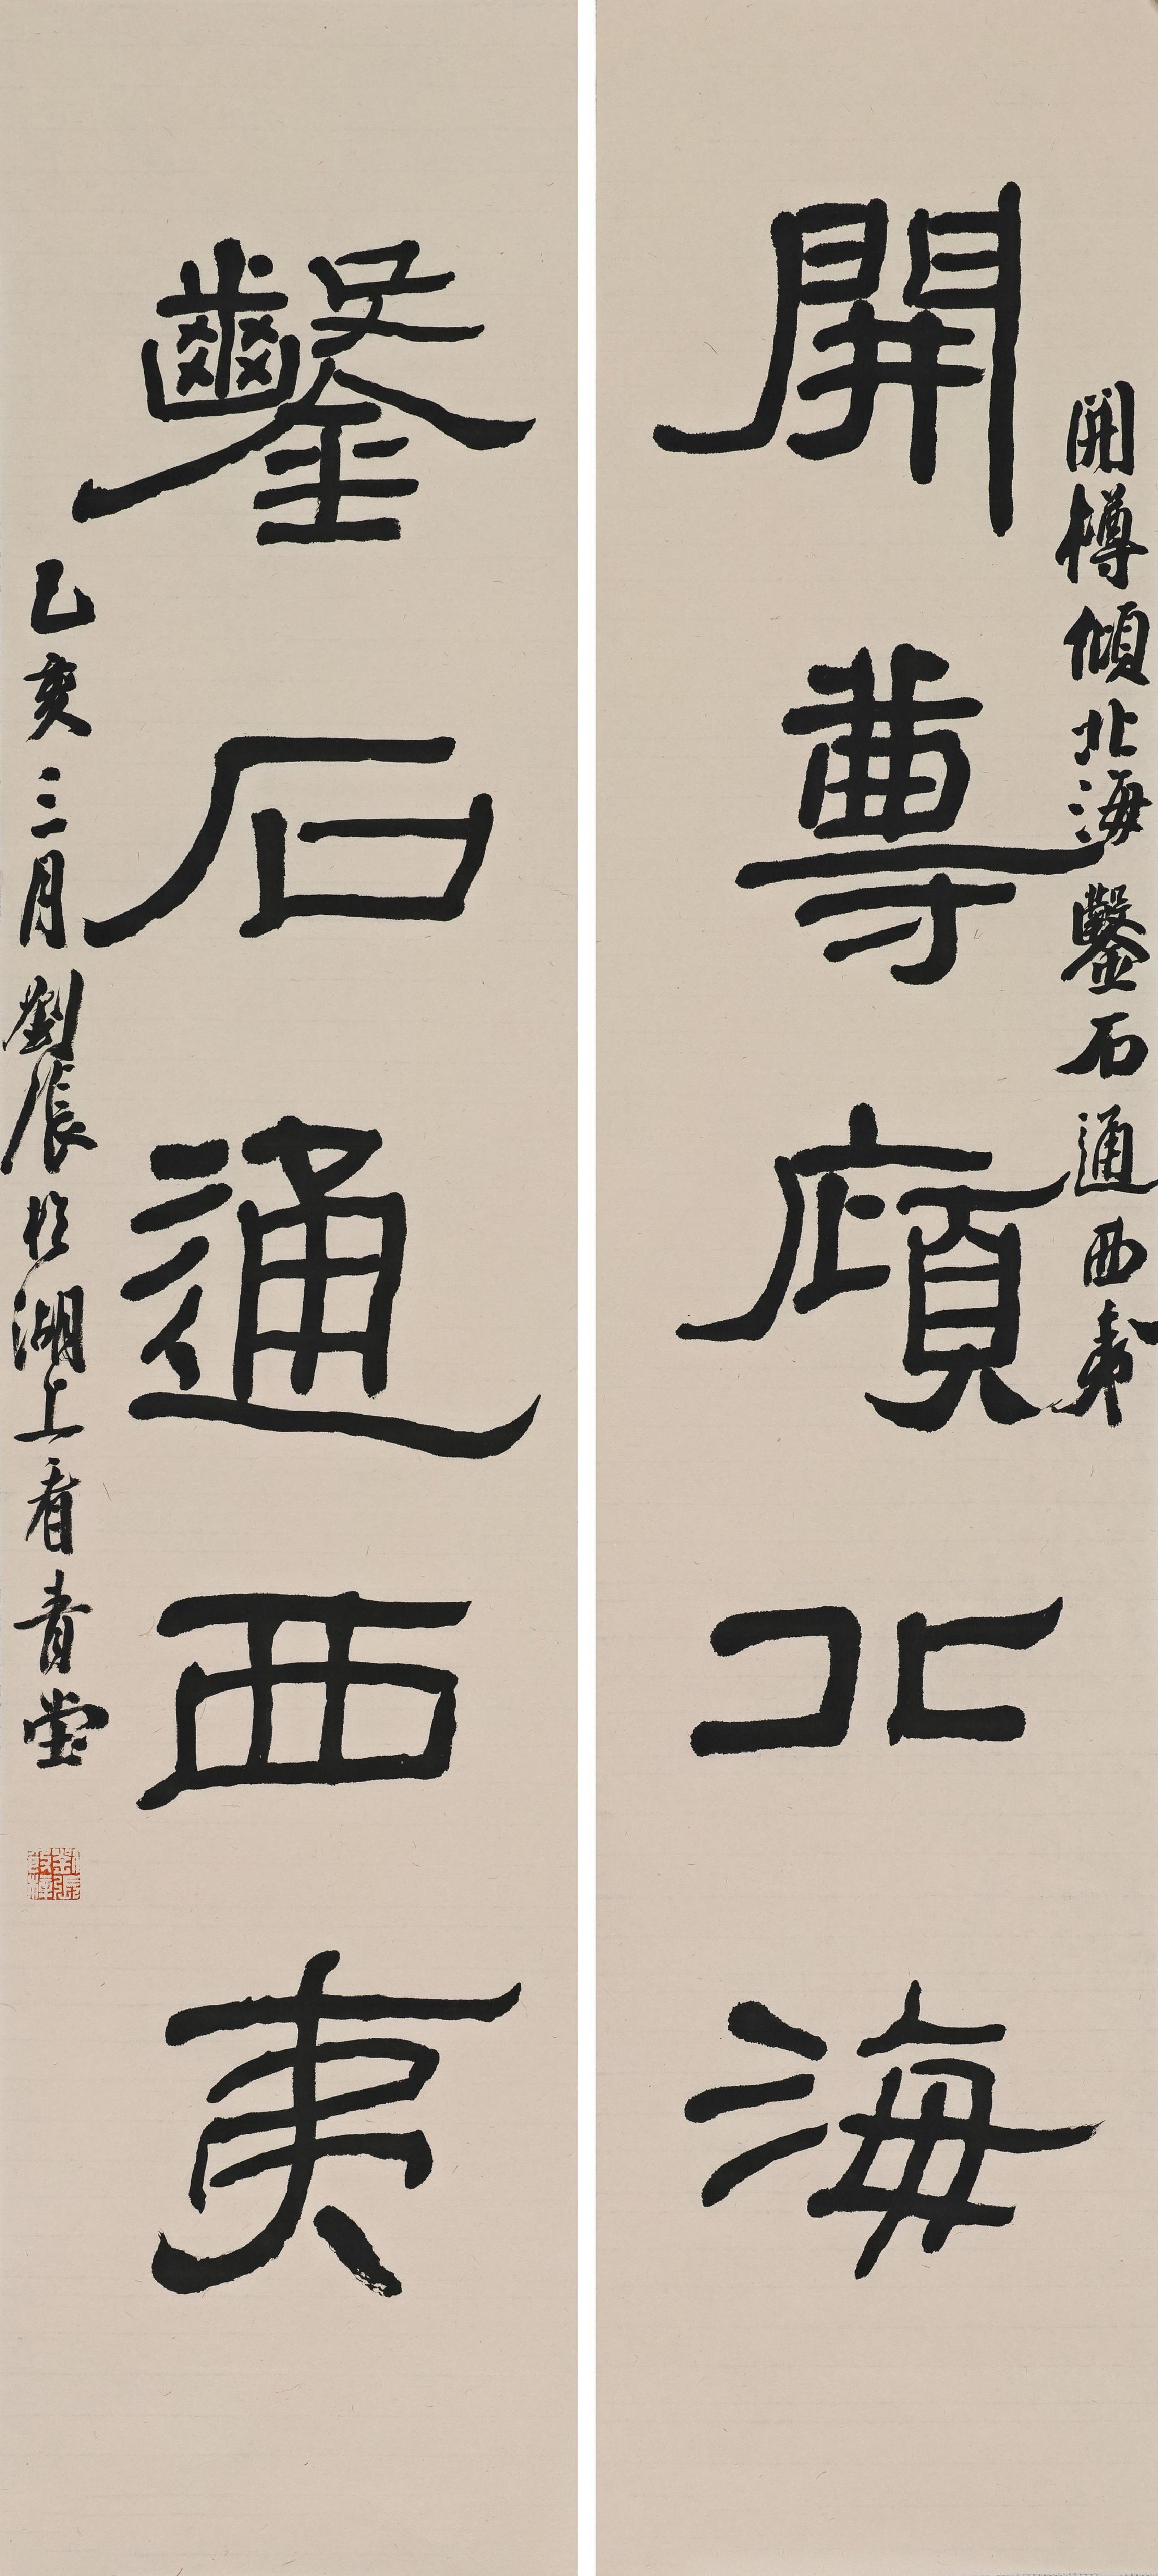 作品丨刘张殷梓,号抱圆居,四川美术学院大四在读,受教于学院诸师